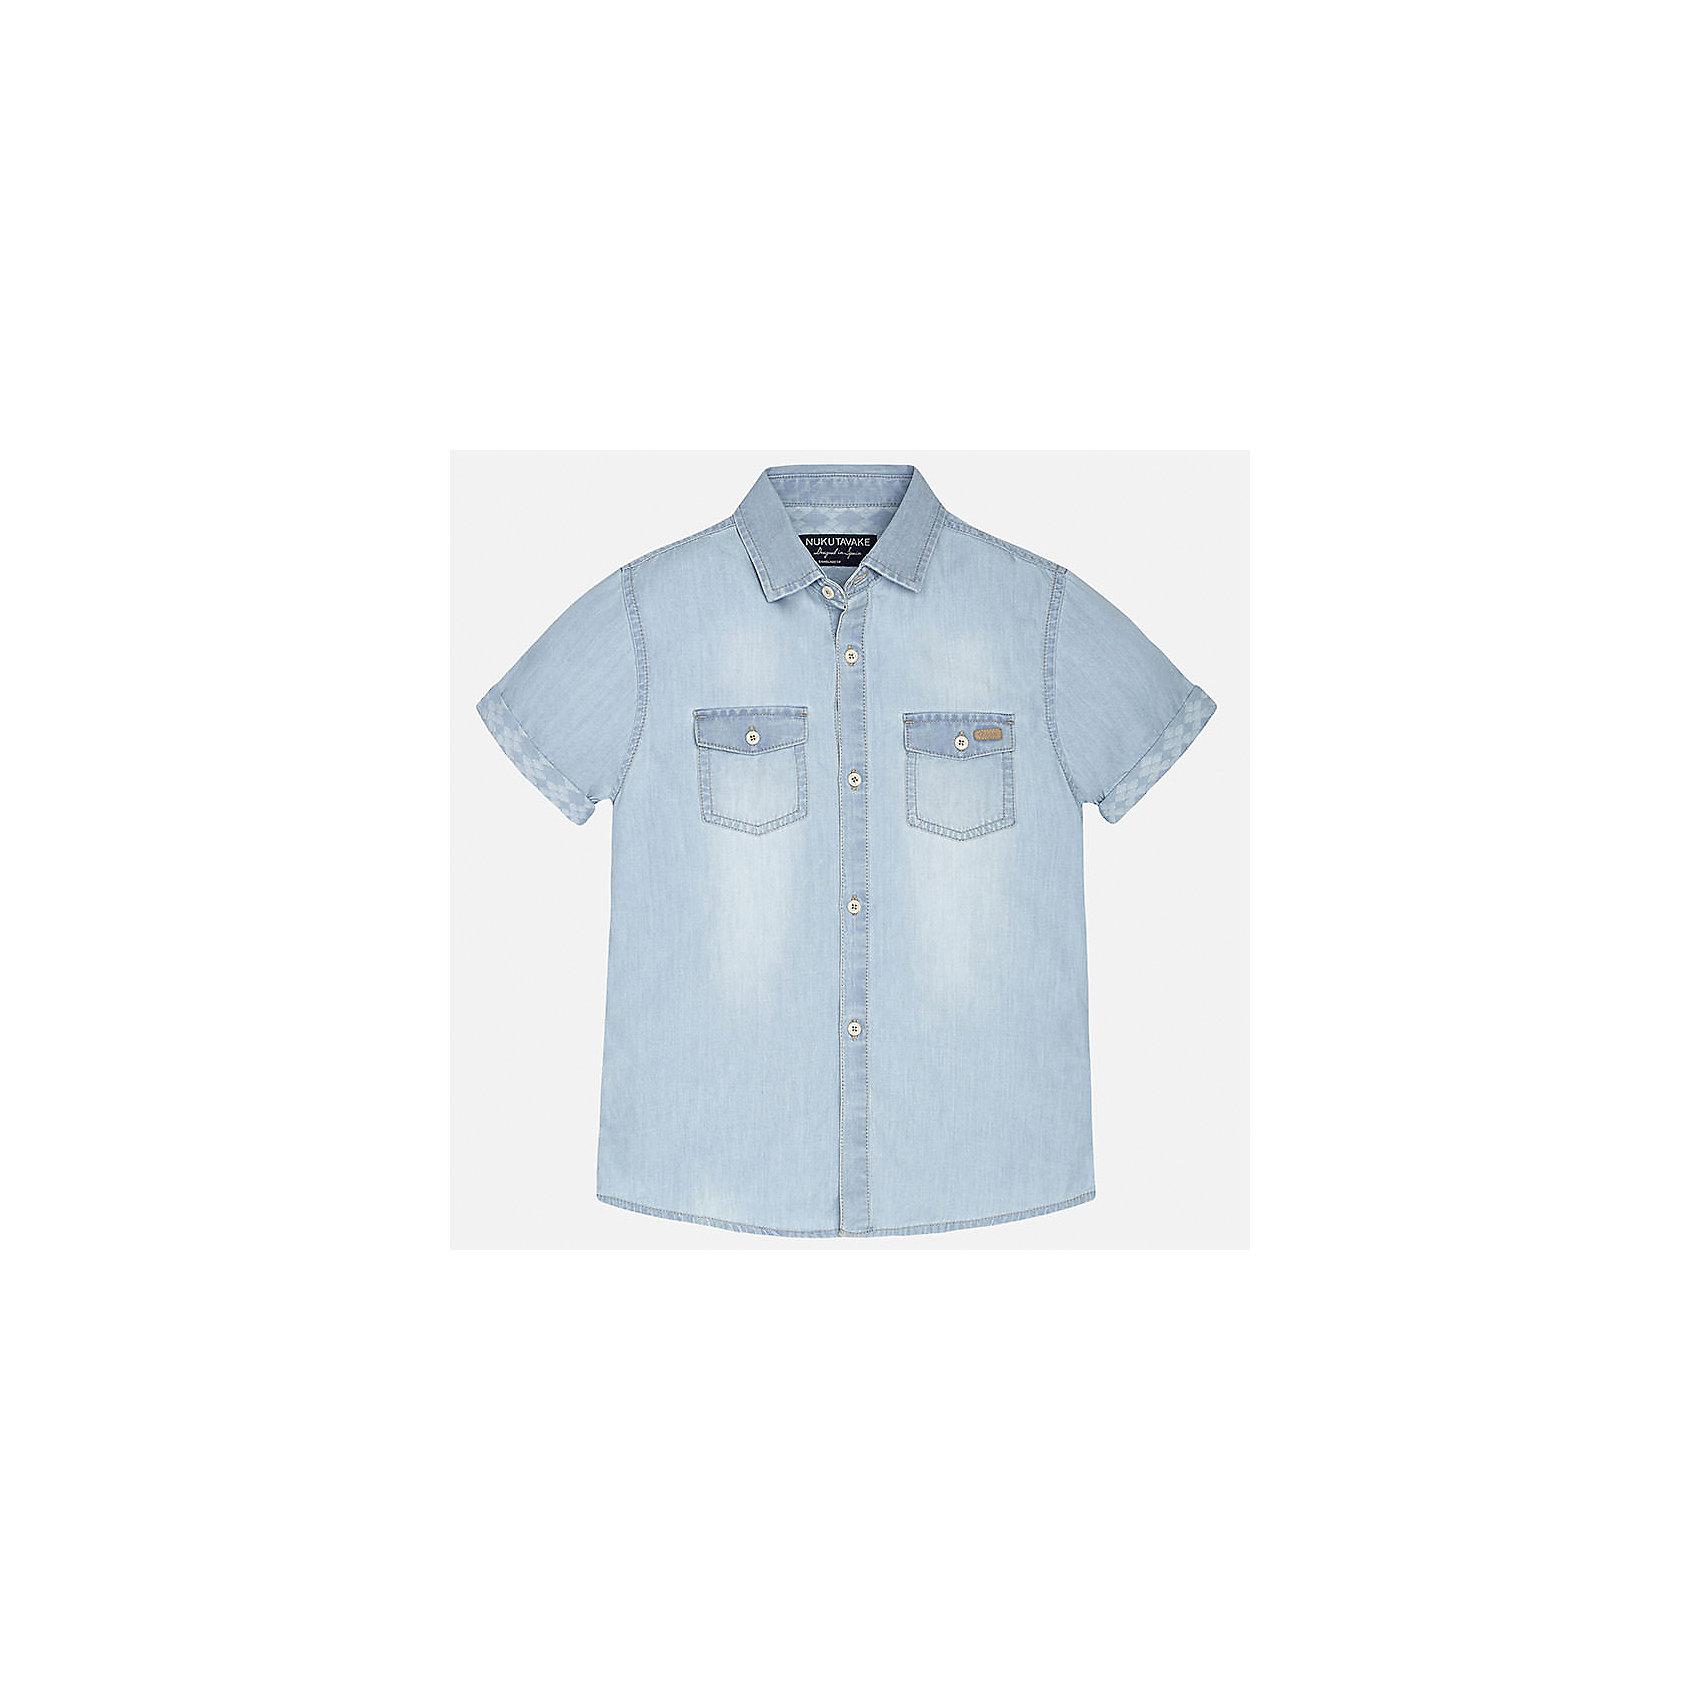 Рубашка джинсовая для мальчика MayoralБлузки и рубашки<br>Характеристики товара:<br><br>• цвет: голубой джинс<br>• состав: 100% хлопок<br>• отложной воротник<br>• декорирована карманами на груди<br>• короткие рукава<br>• застежки: пуговицы<br>• страна бренда: Испания<br><br>Модная рубашка поможет разнообразить гардероб мальчика. Она отлично сочетается с брюками, шортами, джинсами. Универсальный крой и цвет позволяет подобрать к вещи низ разных расцветок. Практичное и стильное изделие! Хорошо смотрится и комфортно сидит на детях. В составе материала - только натуральный хлопок, гипоаллергенный, приятный на ощупь, дышащий. <br><br>Одежда, обувь и аксессуары от испанского бренда Mayoral полюбились детям и взрослым по всему миру. Модели этой марки - стильные и удобные. Для их производства используются только безопасные, качественные материалы и фурнитура. Порадуйте ребенка модными и красивыми вещами от Mayoral! <br><br>Рубашку для мальчика от испанского бренда Mayoral (Майорал) можно купить в нашем интернет-магазине.<br><br>Ширина мм: 174<br>Глубина мм: 10<br>Высота мм: 169<br>Вес г: 157<br>Цвет: синий<br>Возраст от месяцев: 120<br>Возраст до месяцев: 132<br>Пол: Мужской<br>Возраст: Детский<br>Размер: 152,140,128/134,170,164,158<br>SKU: 5281603